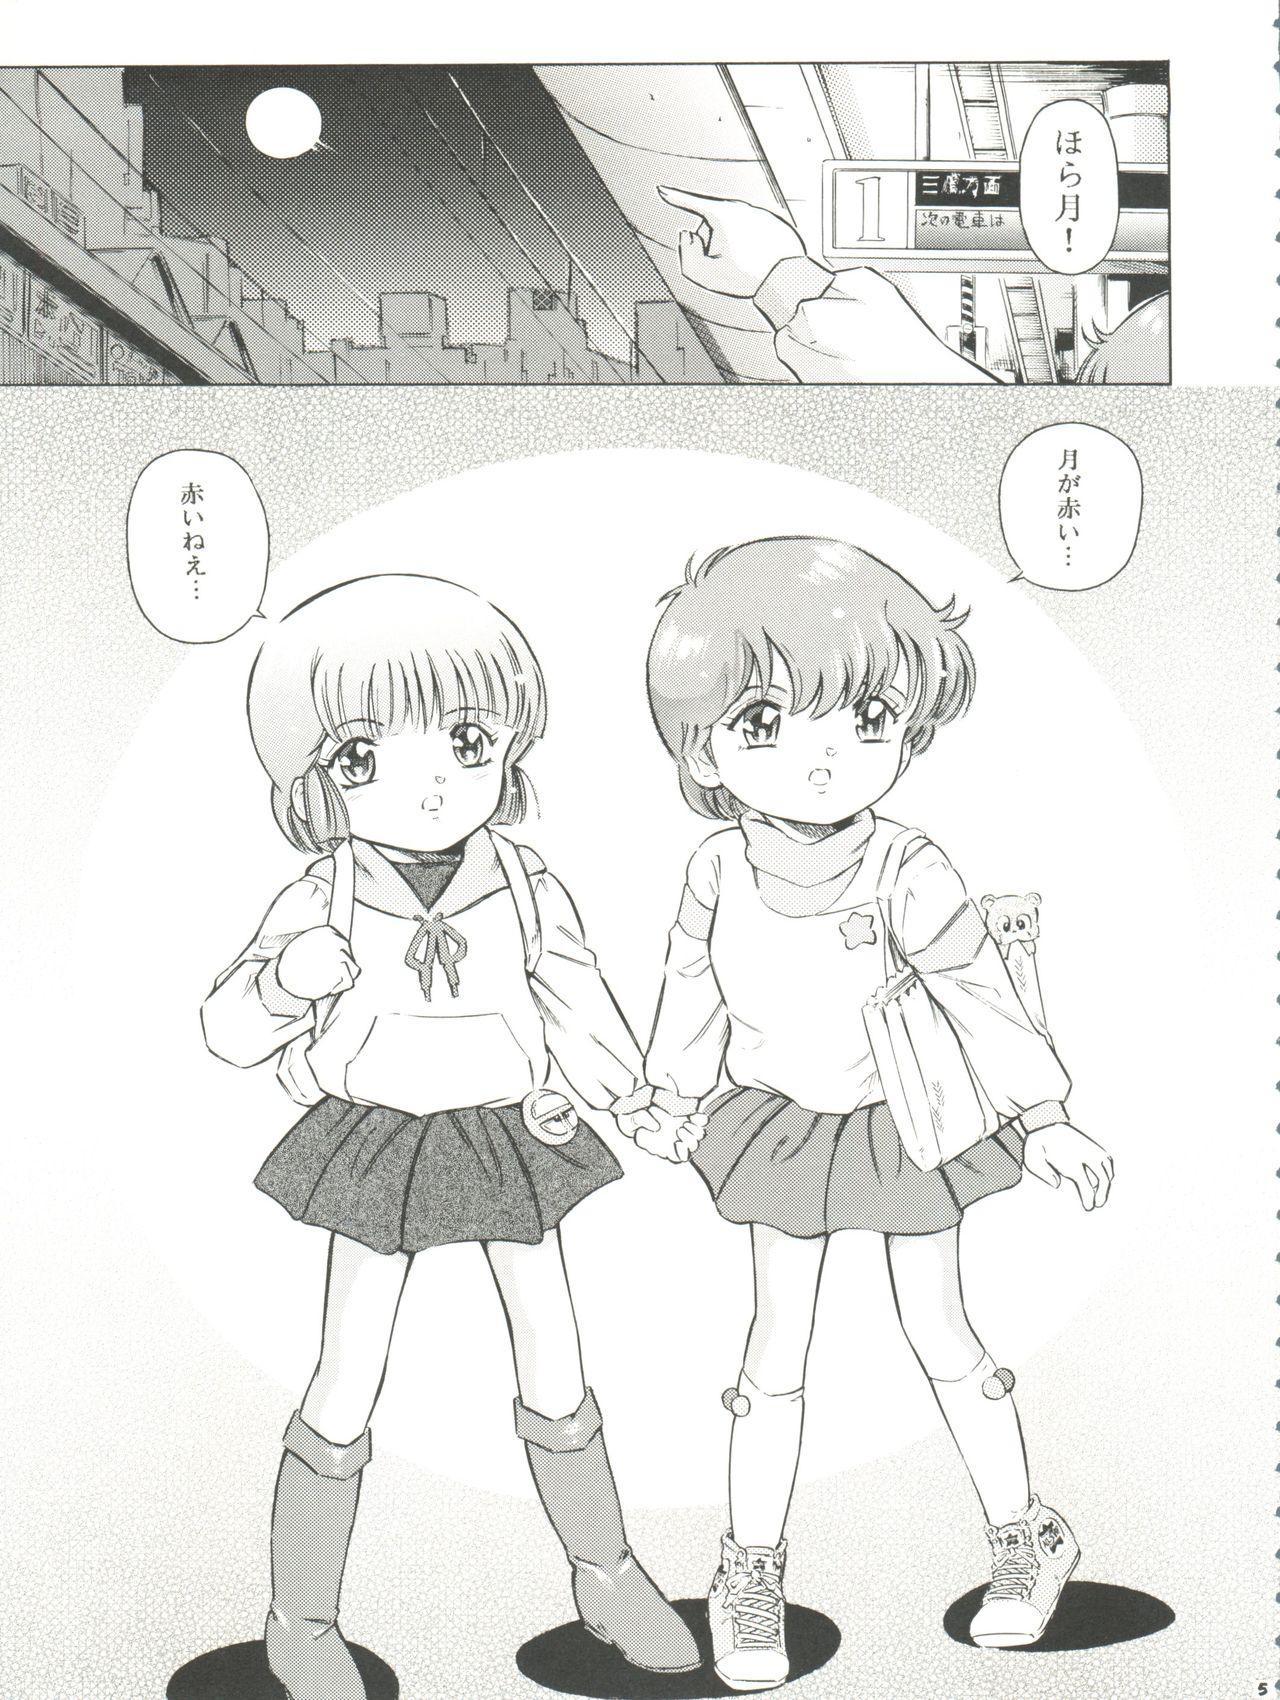 Mahou Kyuushiki 8 - Magical Classic 8 4